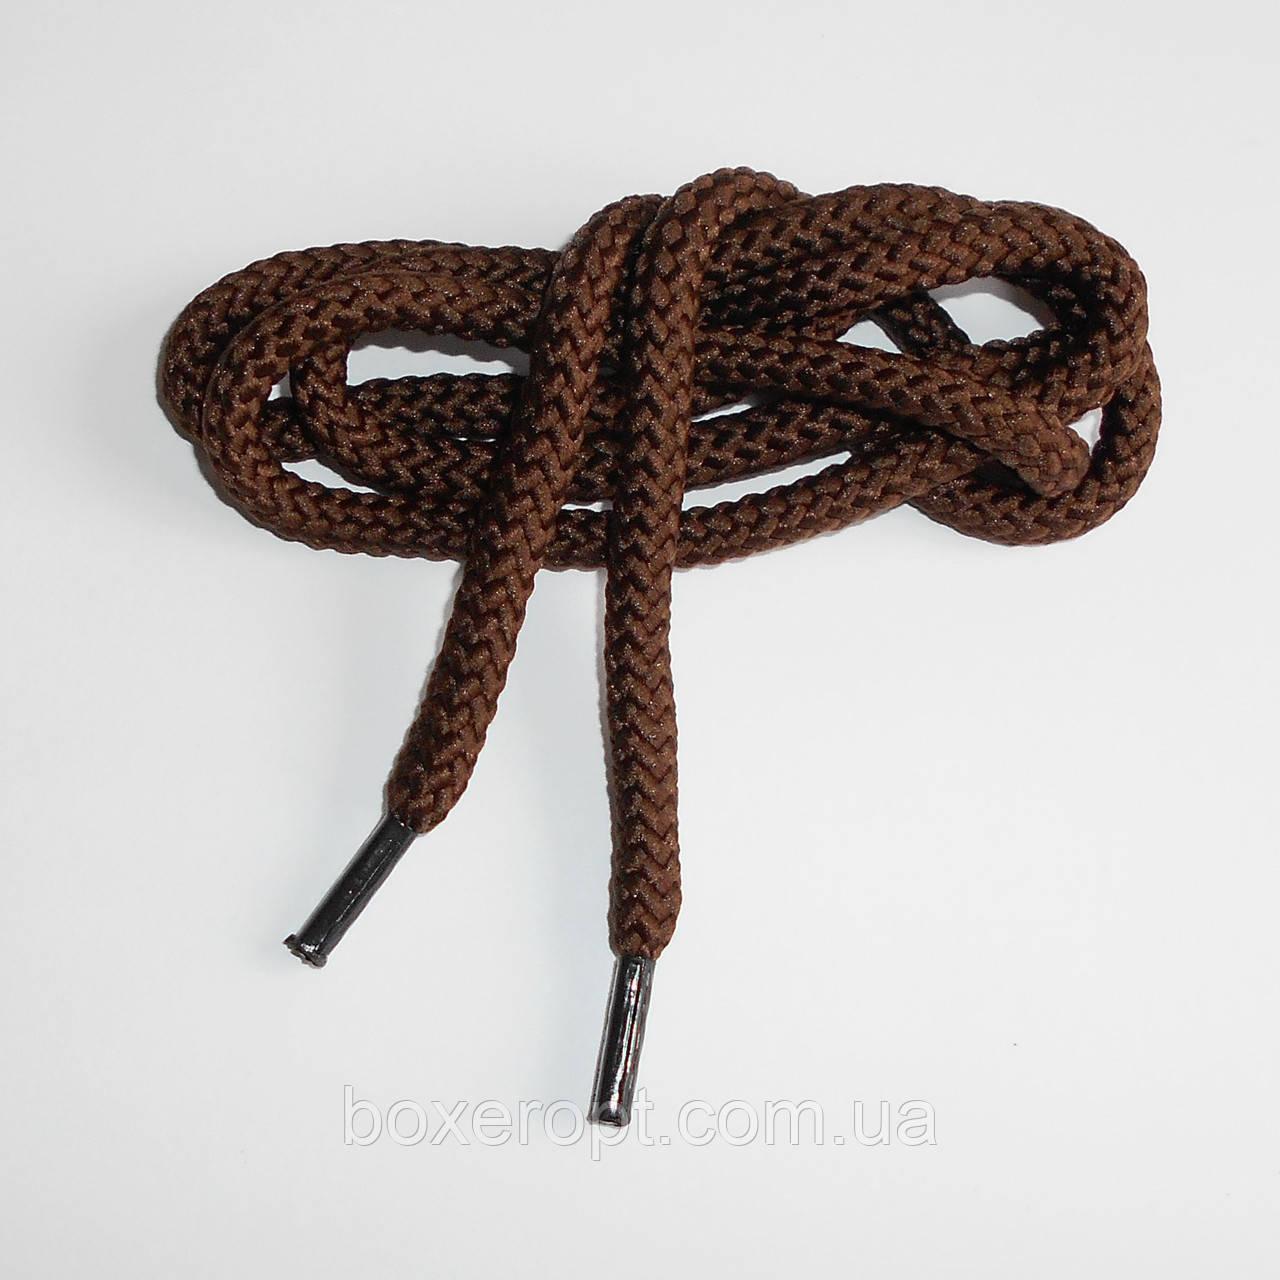 Шнурки обувные полиэфирные. Круглые, 0.9 м. (коричневые)